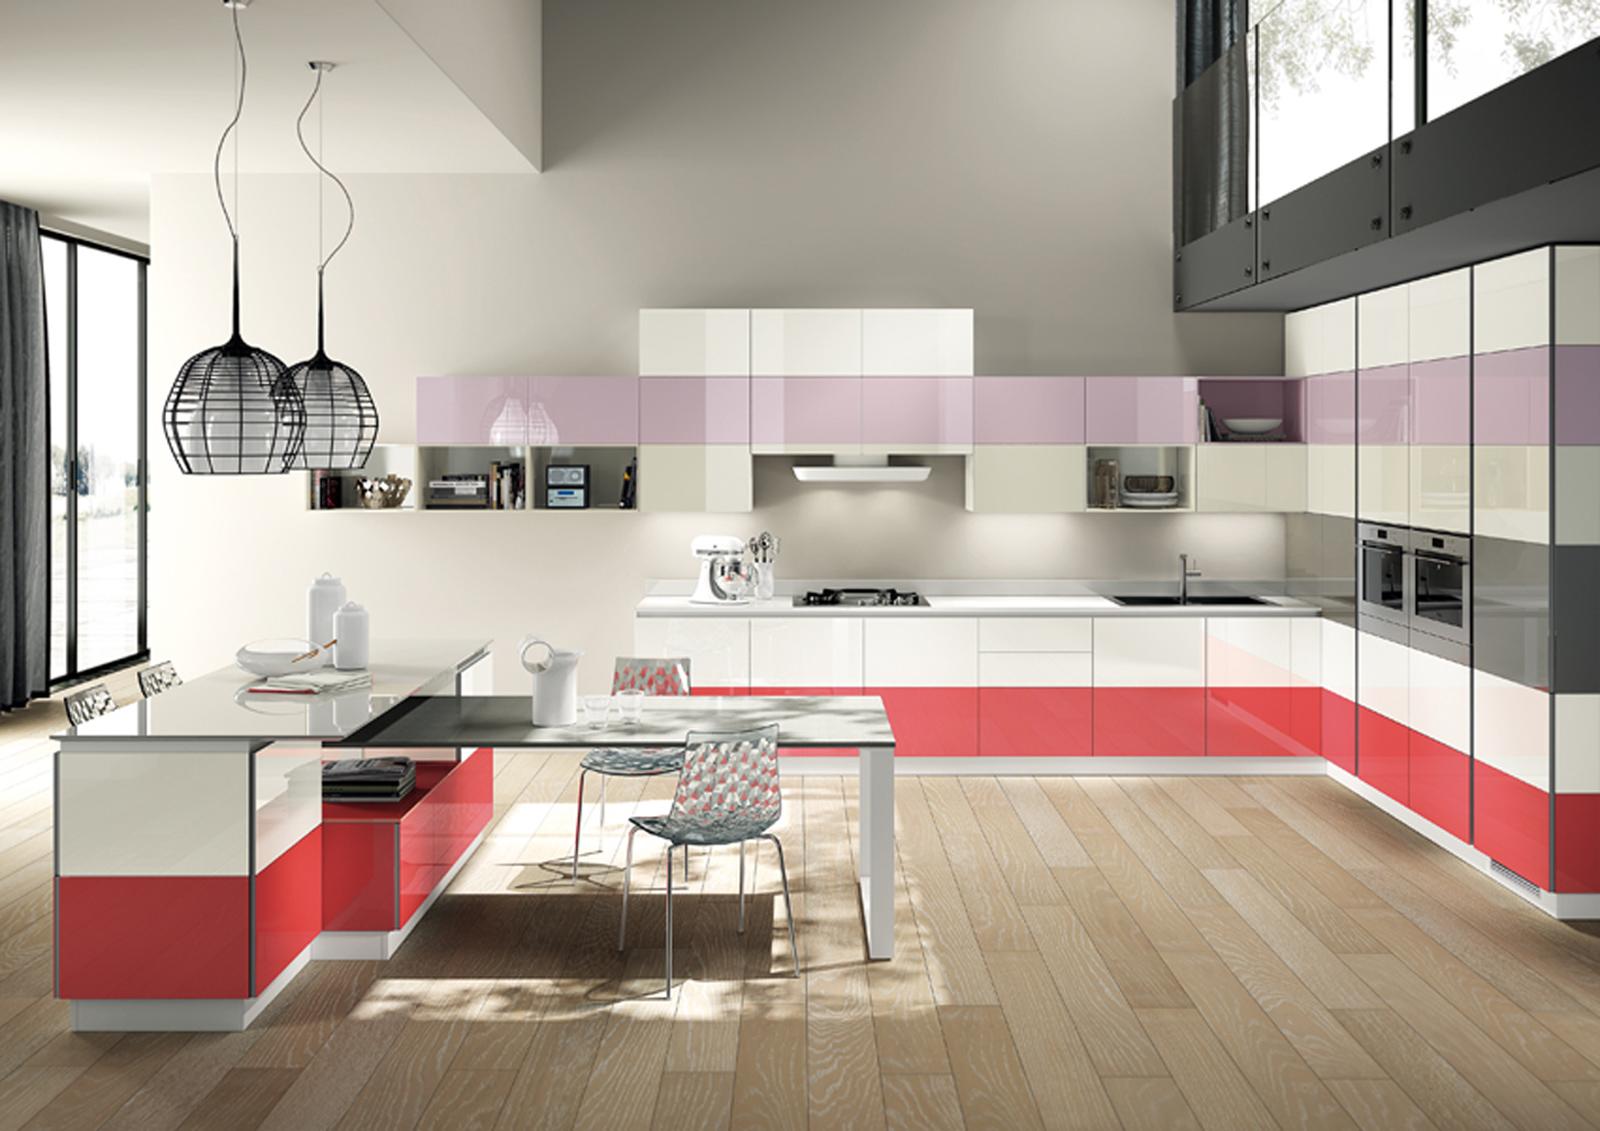 Ispirazioni di cucine soggiorni e altri ambienti interni - Cucine colorate moderne ...